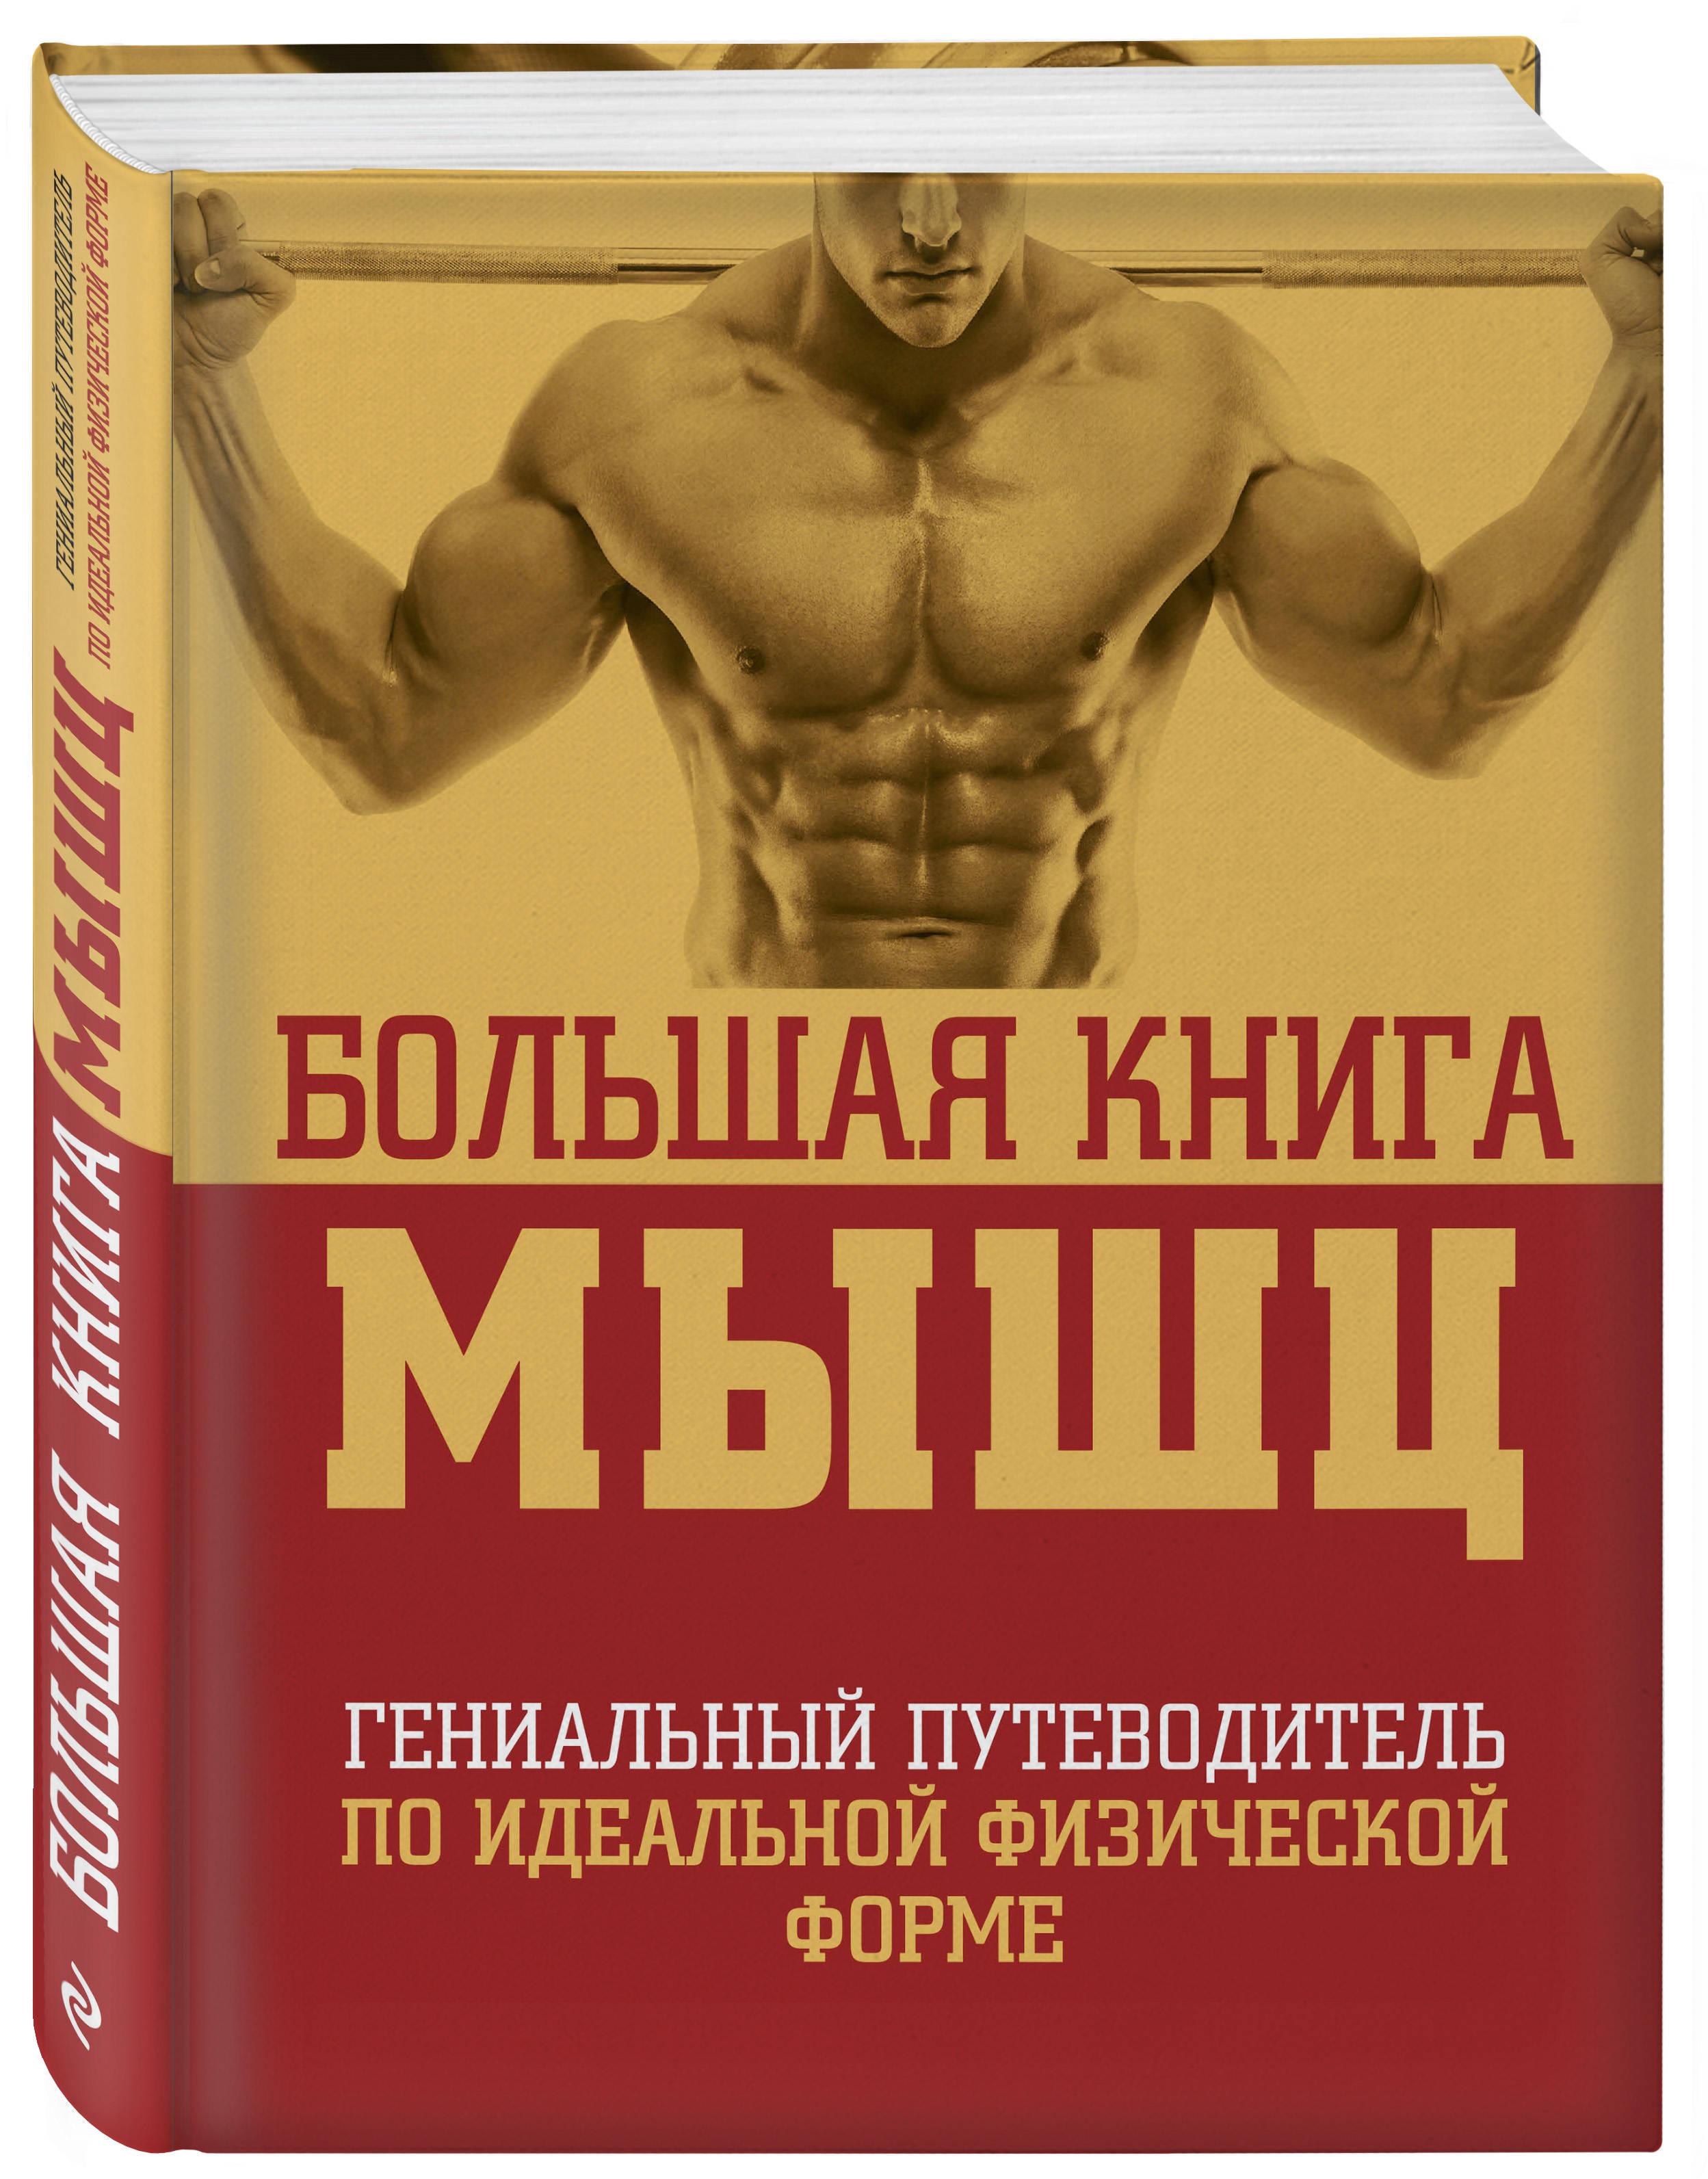 Большая книга мышц, 2-е изд., испр. и доп. ( Кинг Я., Шулер Л.  )